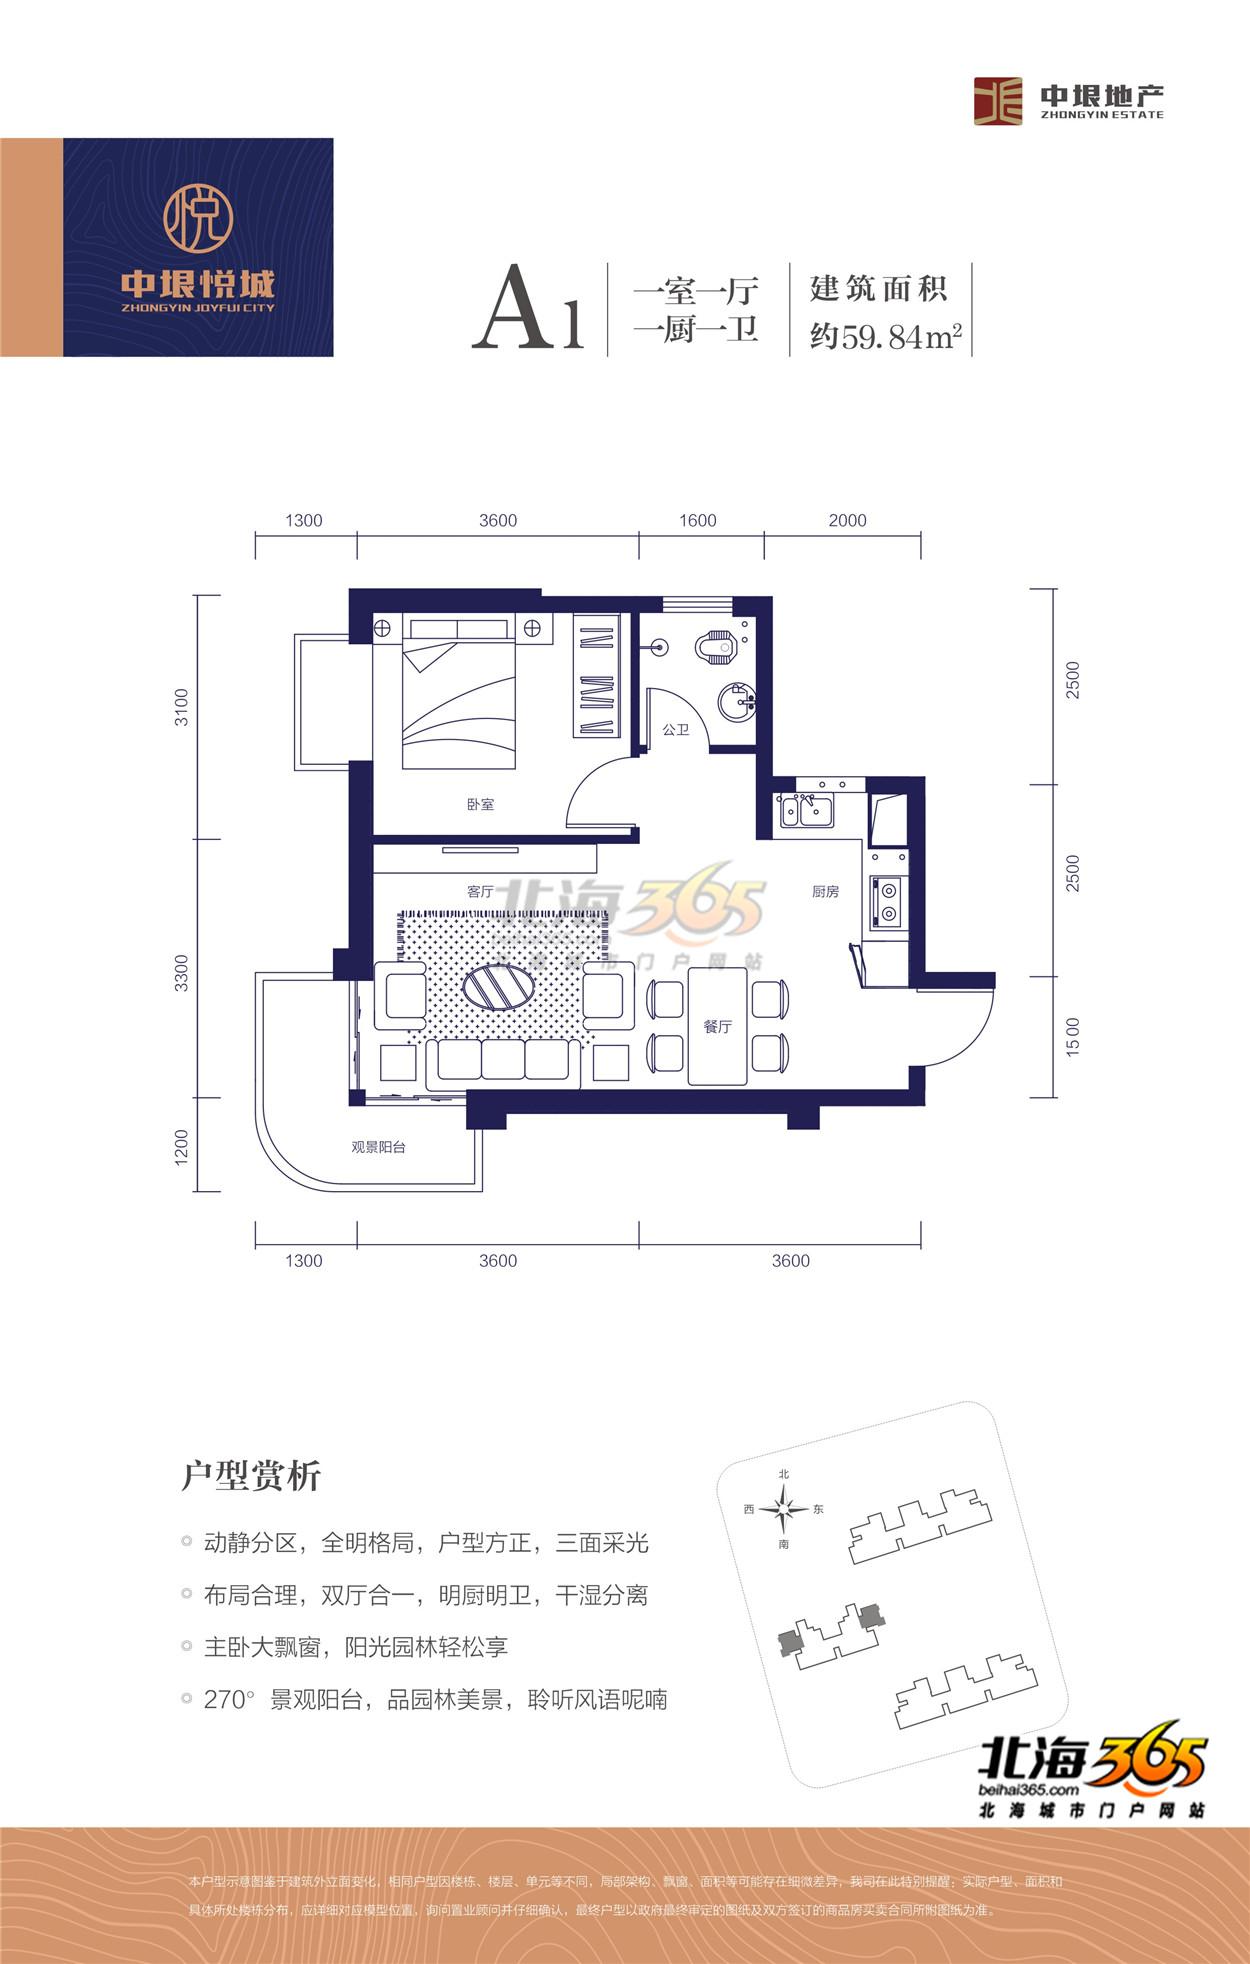 A1一室一厅一厨一卫